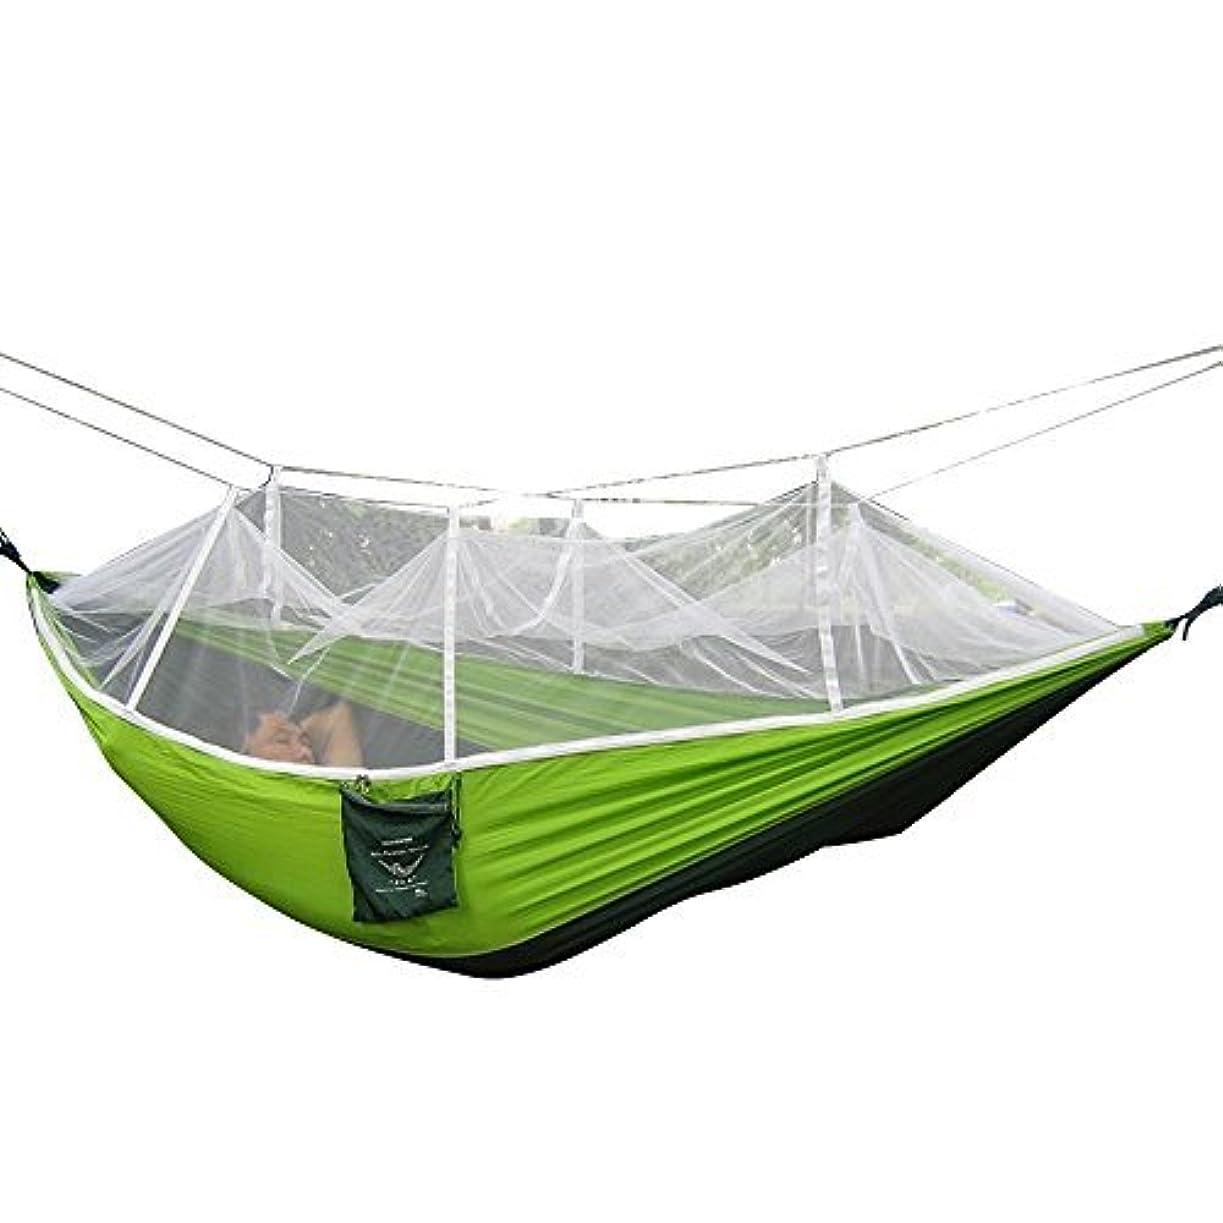 水陸両用鈍い解くCamping Hammock, Rusee Mosquito Net Outdoor Hammock Travel Bed Lightweight Parachute Fabric Double Hammock For Indoor, Camping, Hiking, Backpacking, Backyard [並行輸入品]